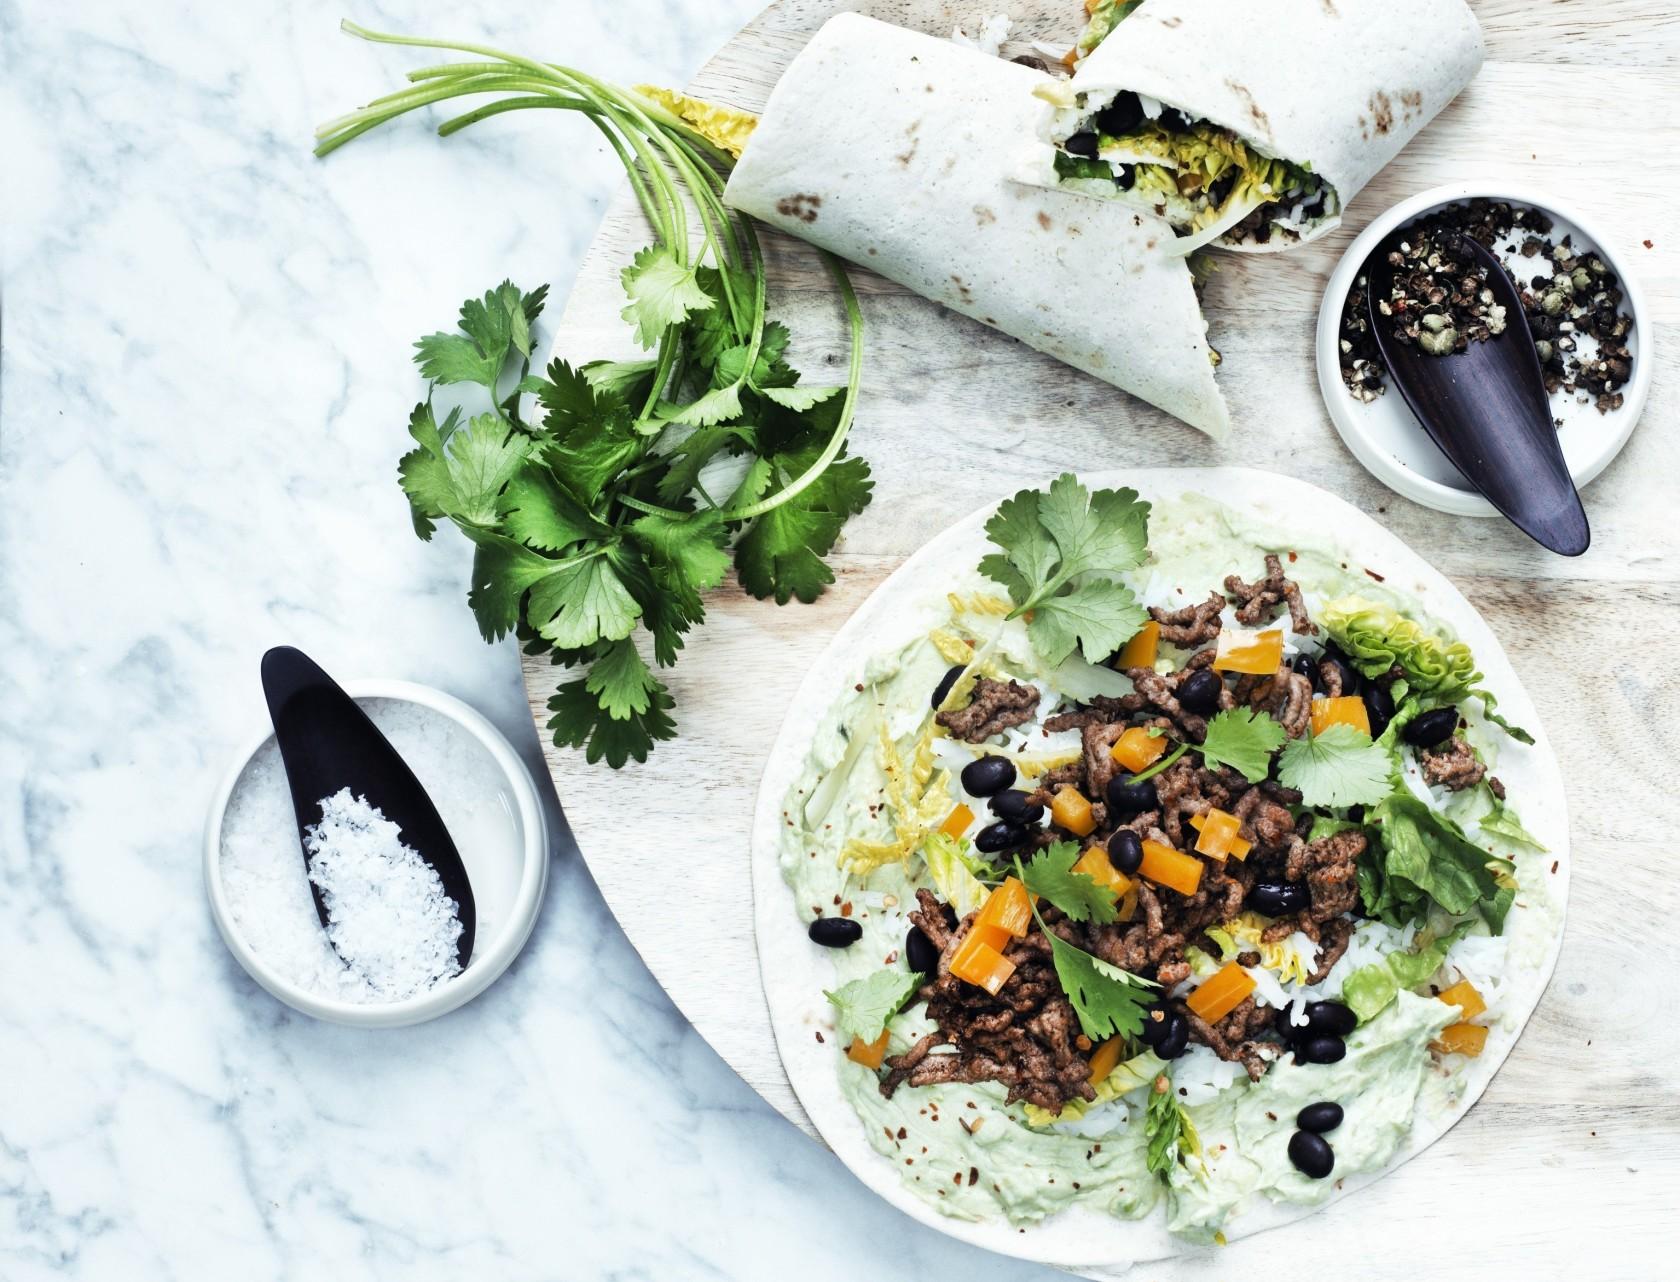 Tortillaer med krydret oksekød og guacamole - god opskrift på aftensmad.